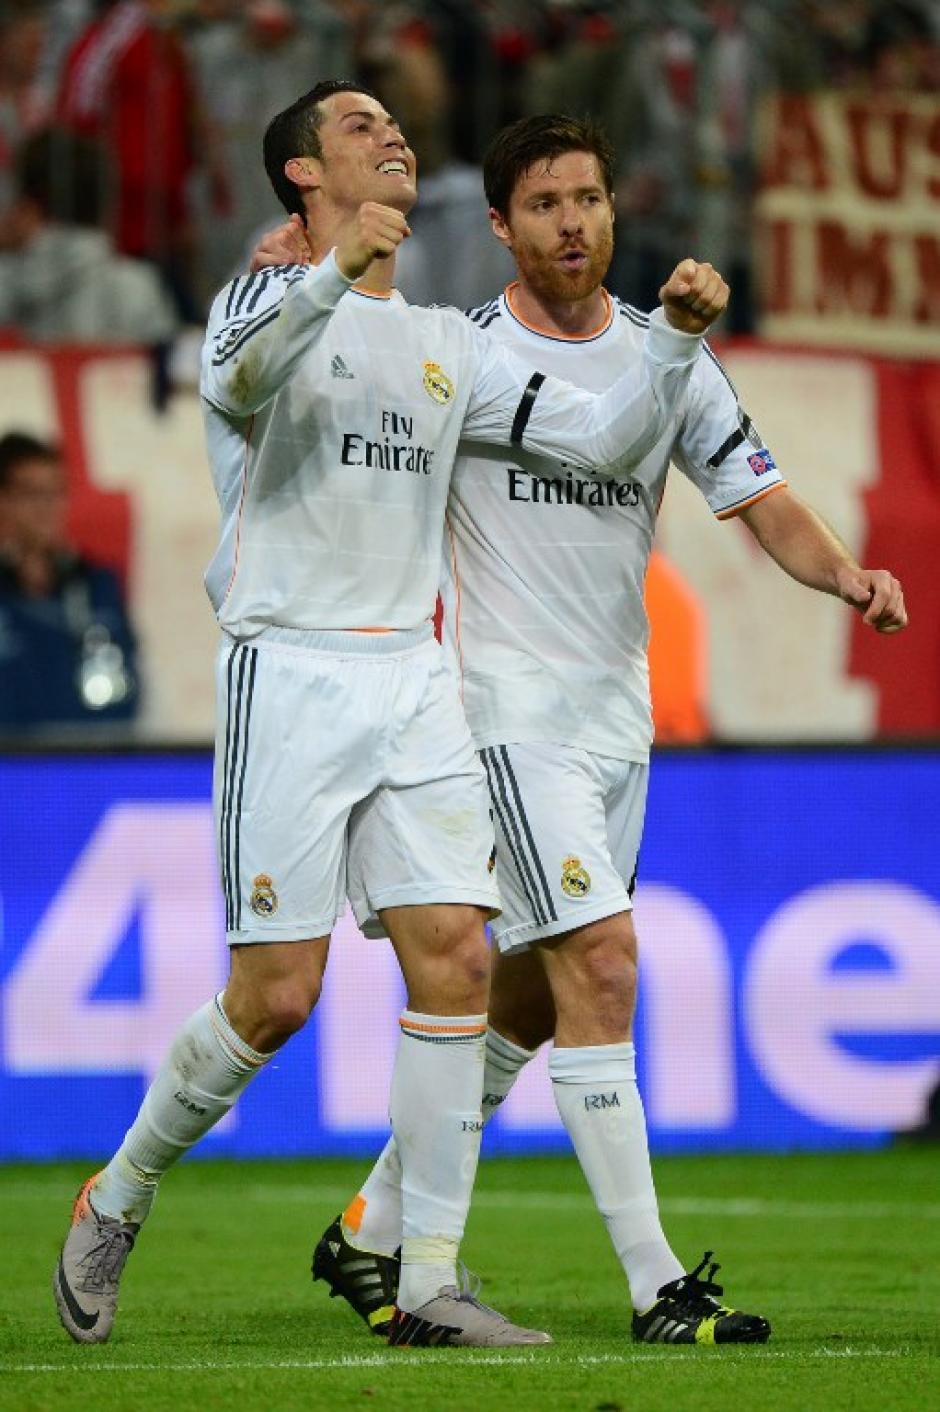 Cristiano Ronaldo y Xabi Alonso celebran el 4-0, este último se perderá la final debido a una acumulación de amarillas